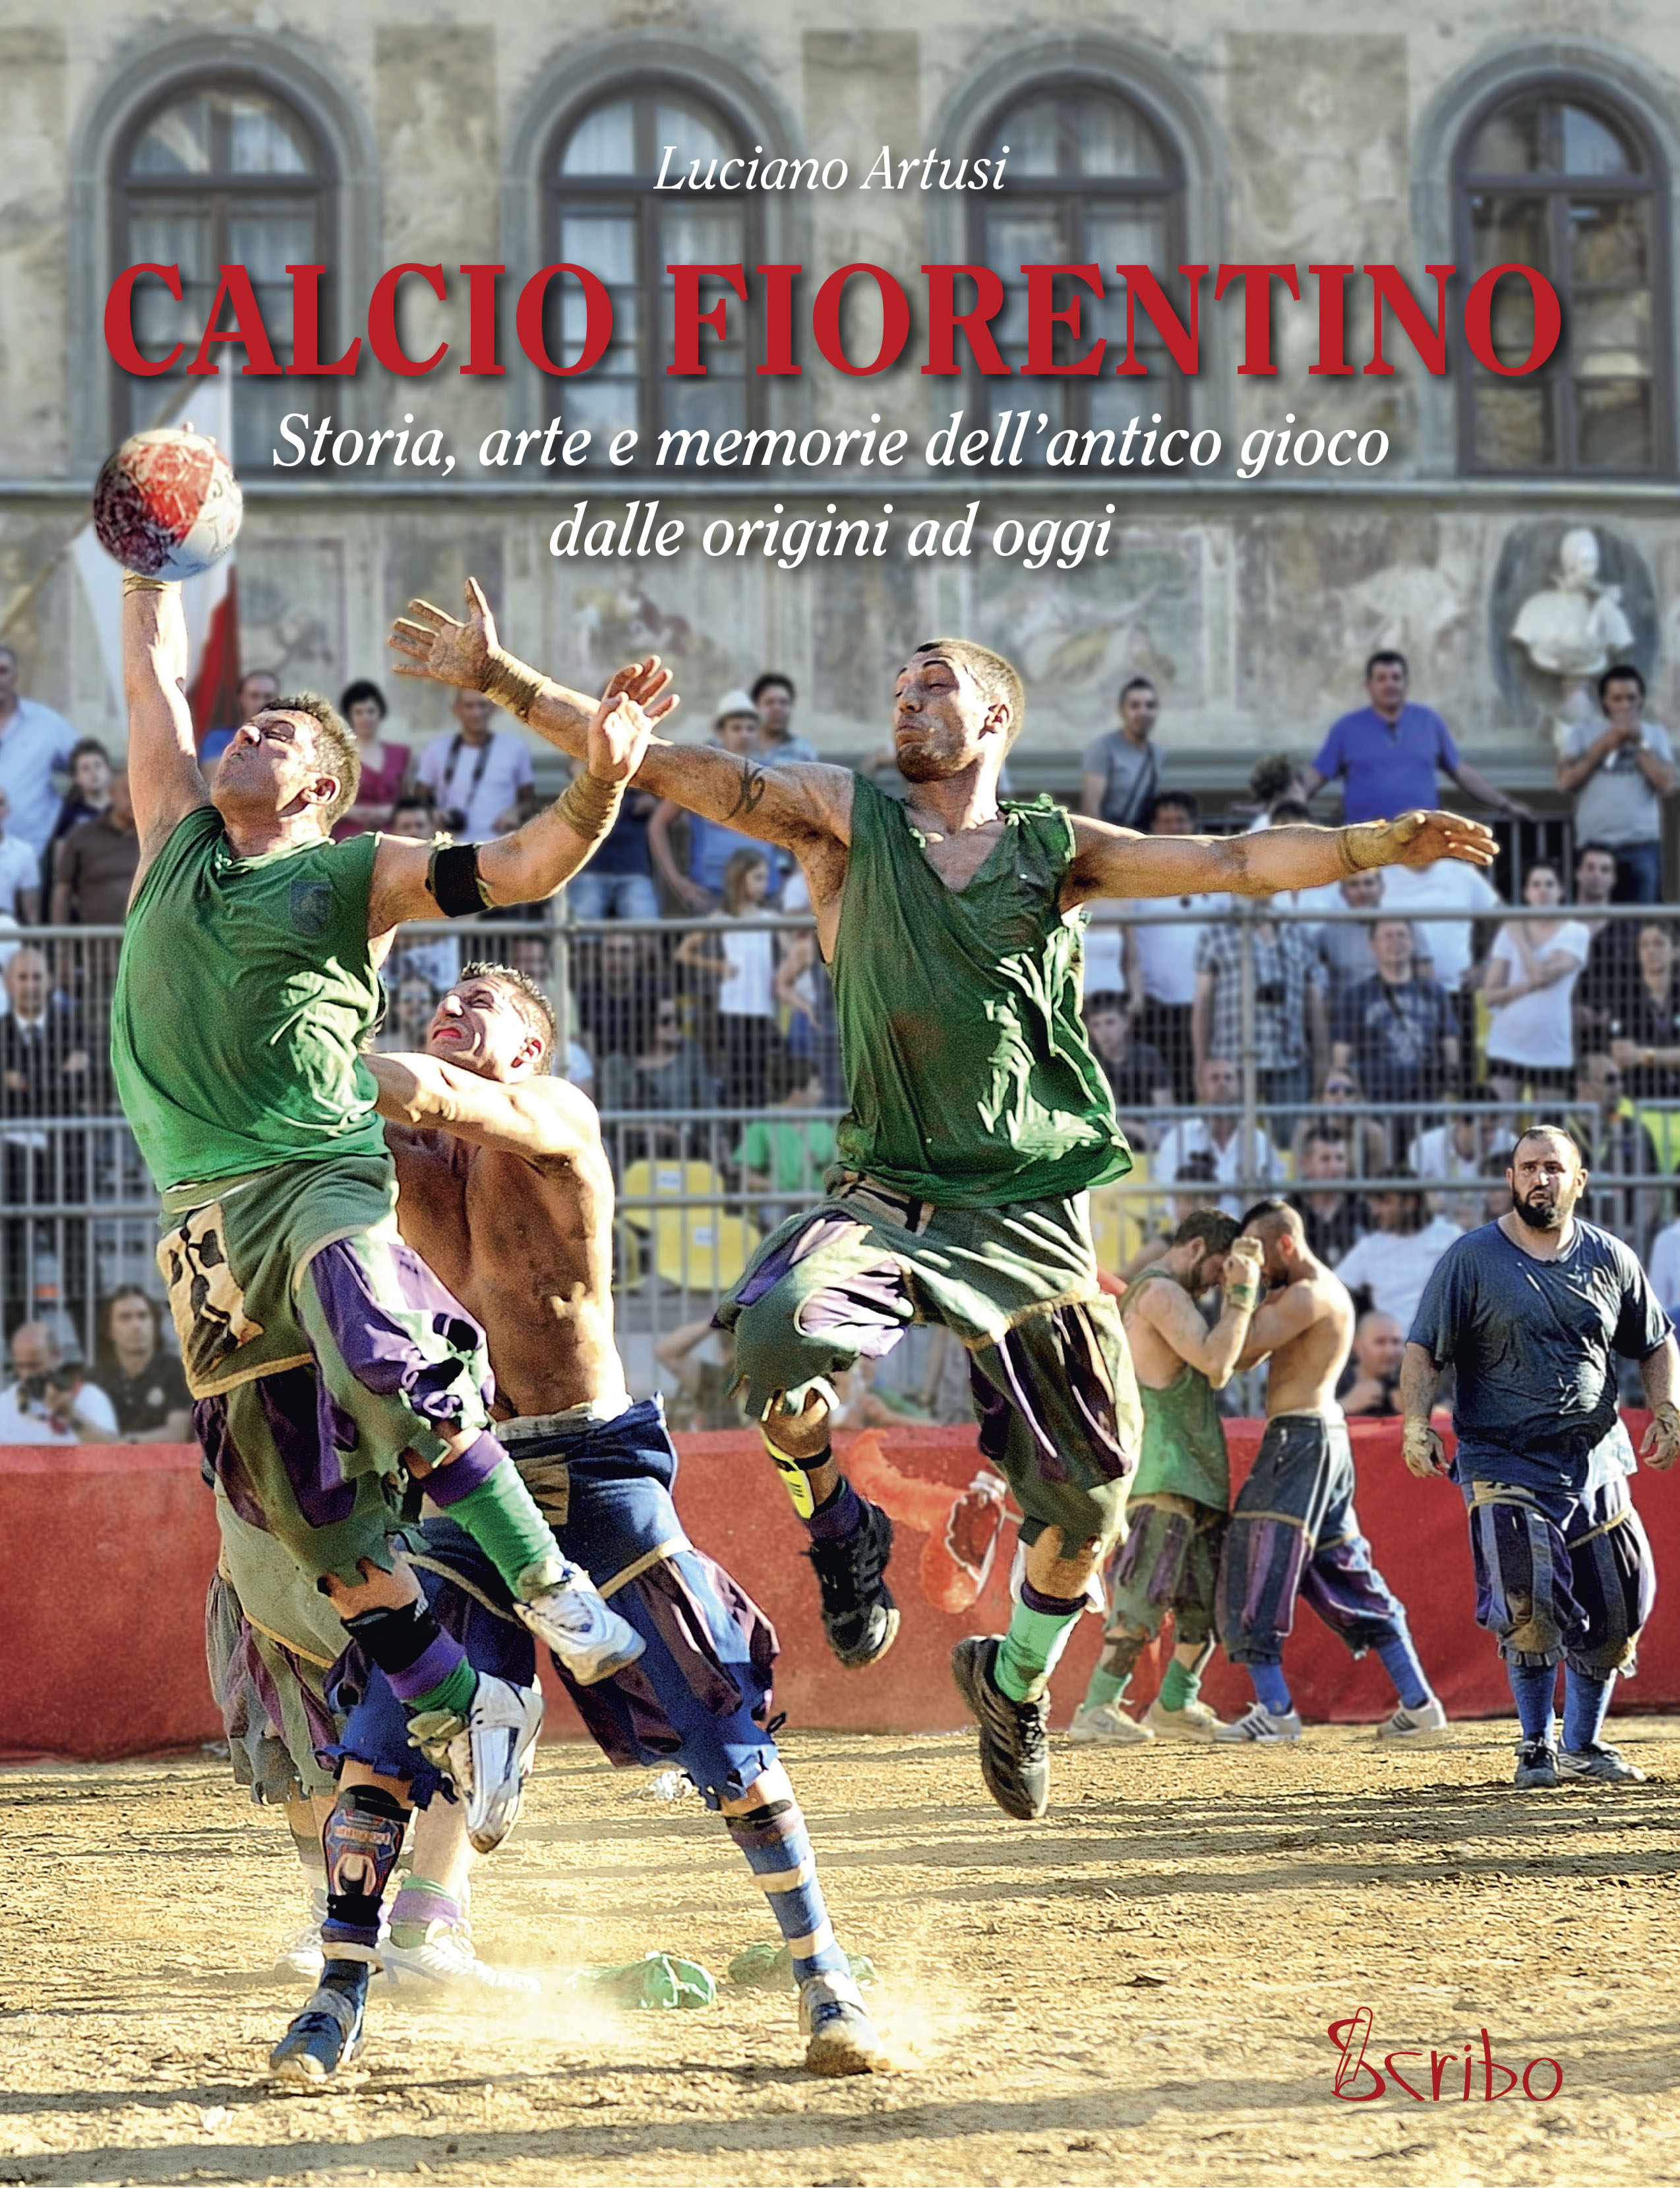 Calcio Fiorentino